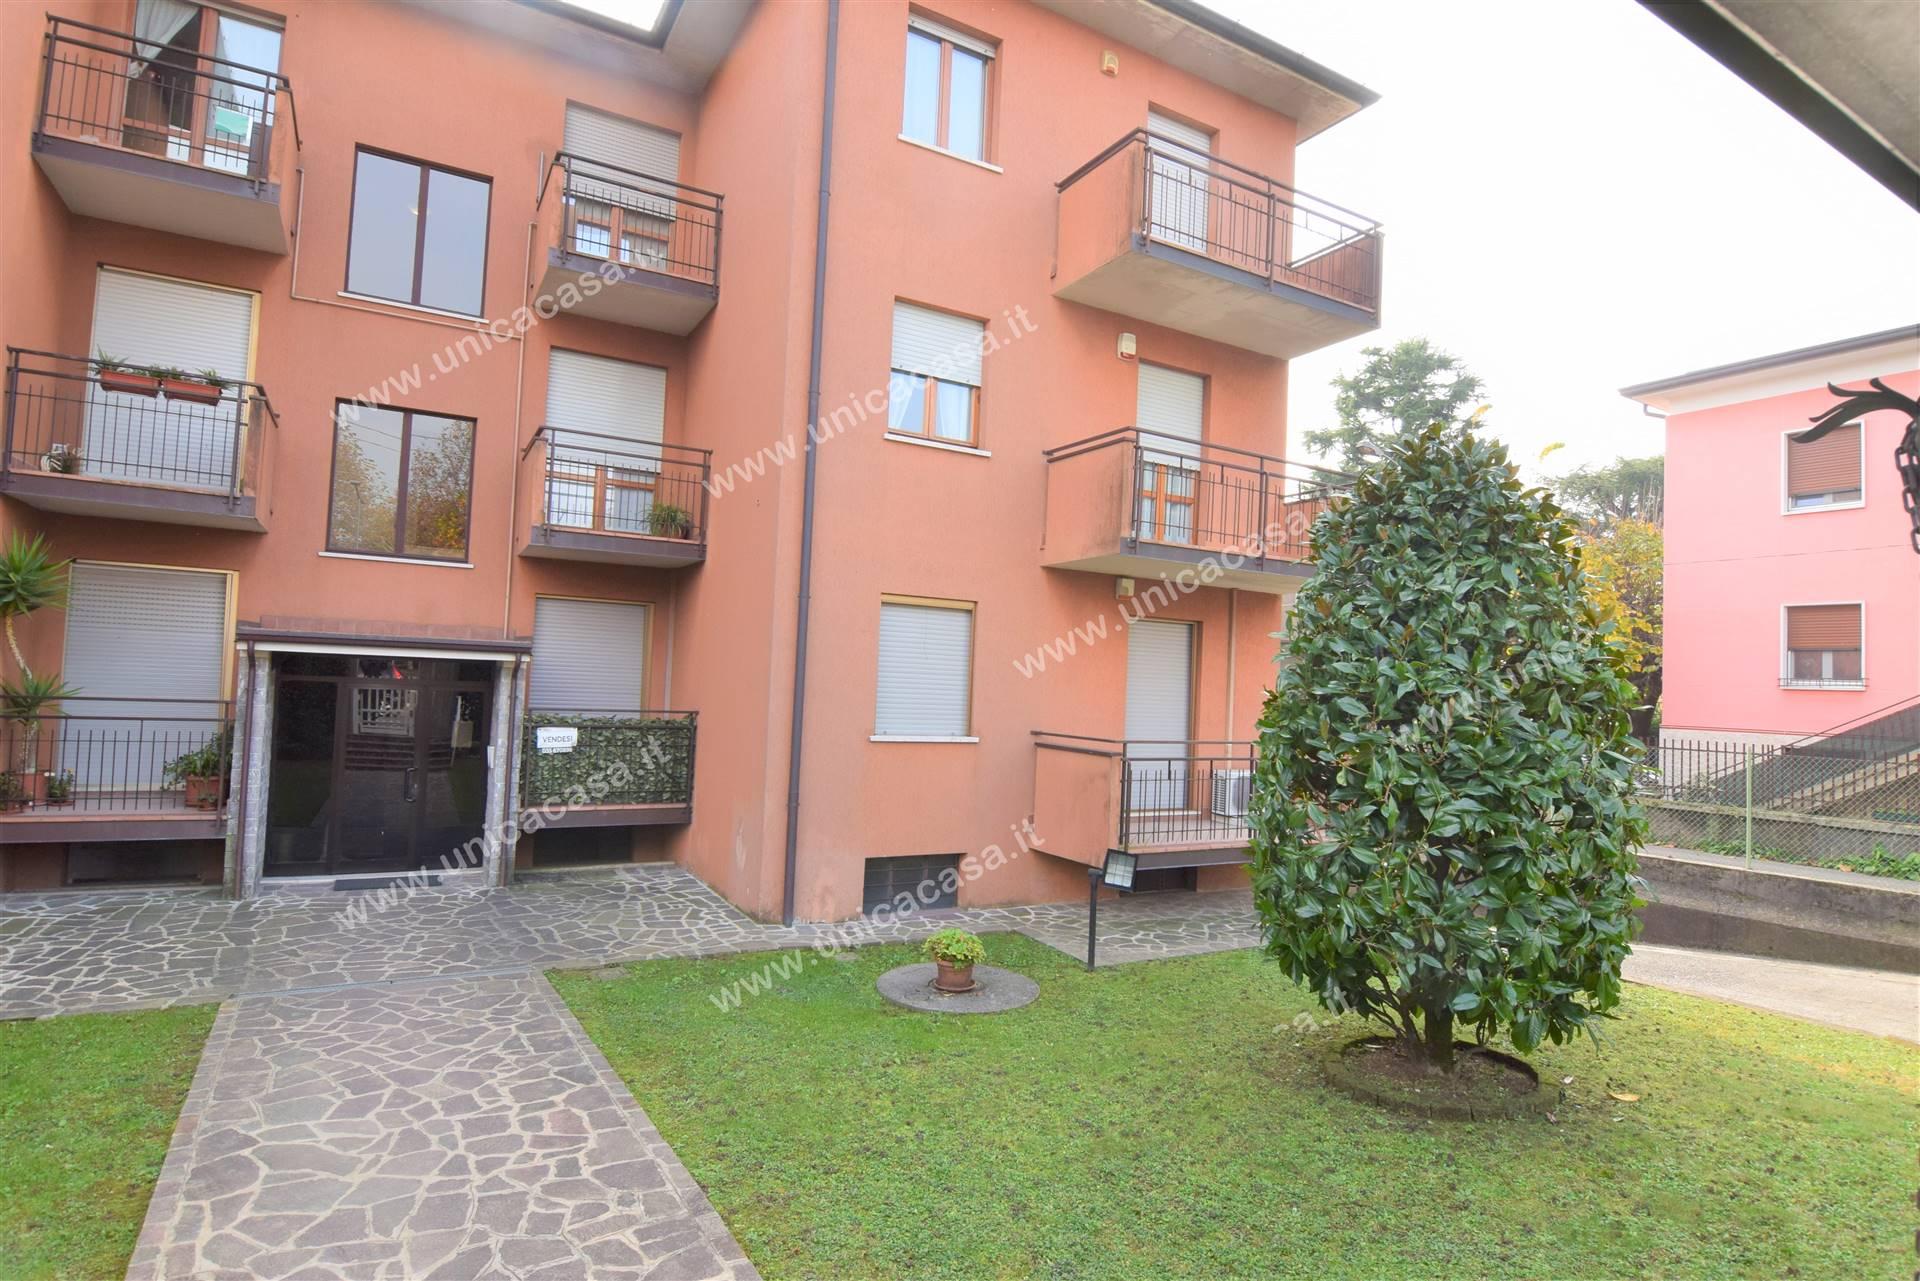 Appartamento in vendita a Verdello, 3 locali, prezzo € 115.000 | PortaleAgenzieImmobiliari.it